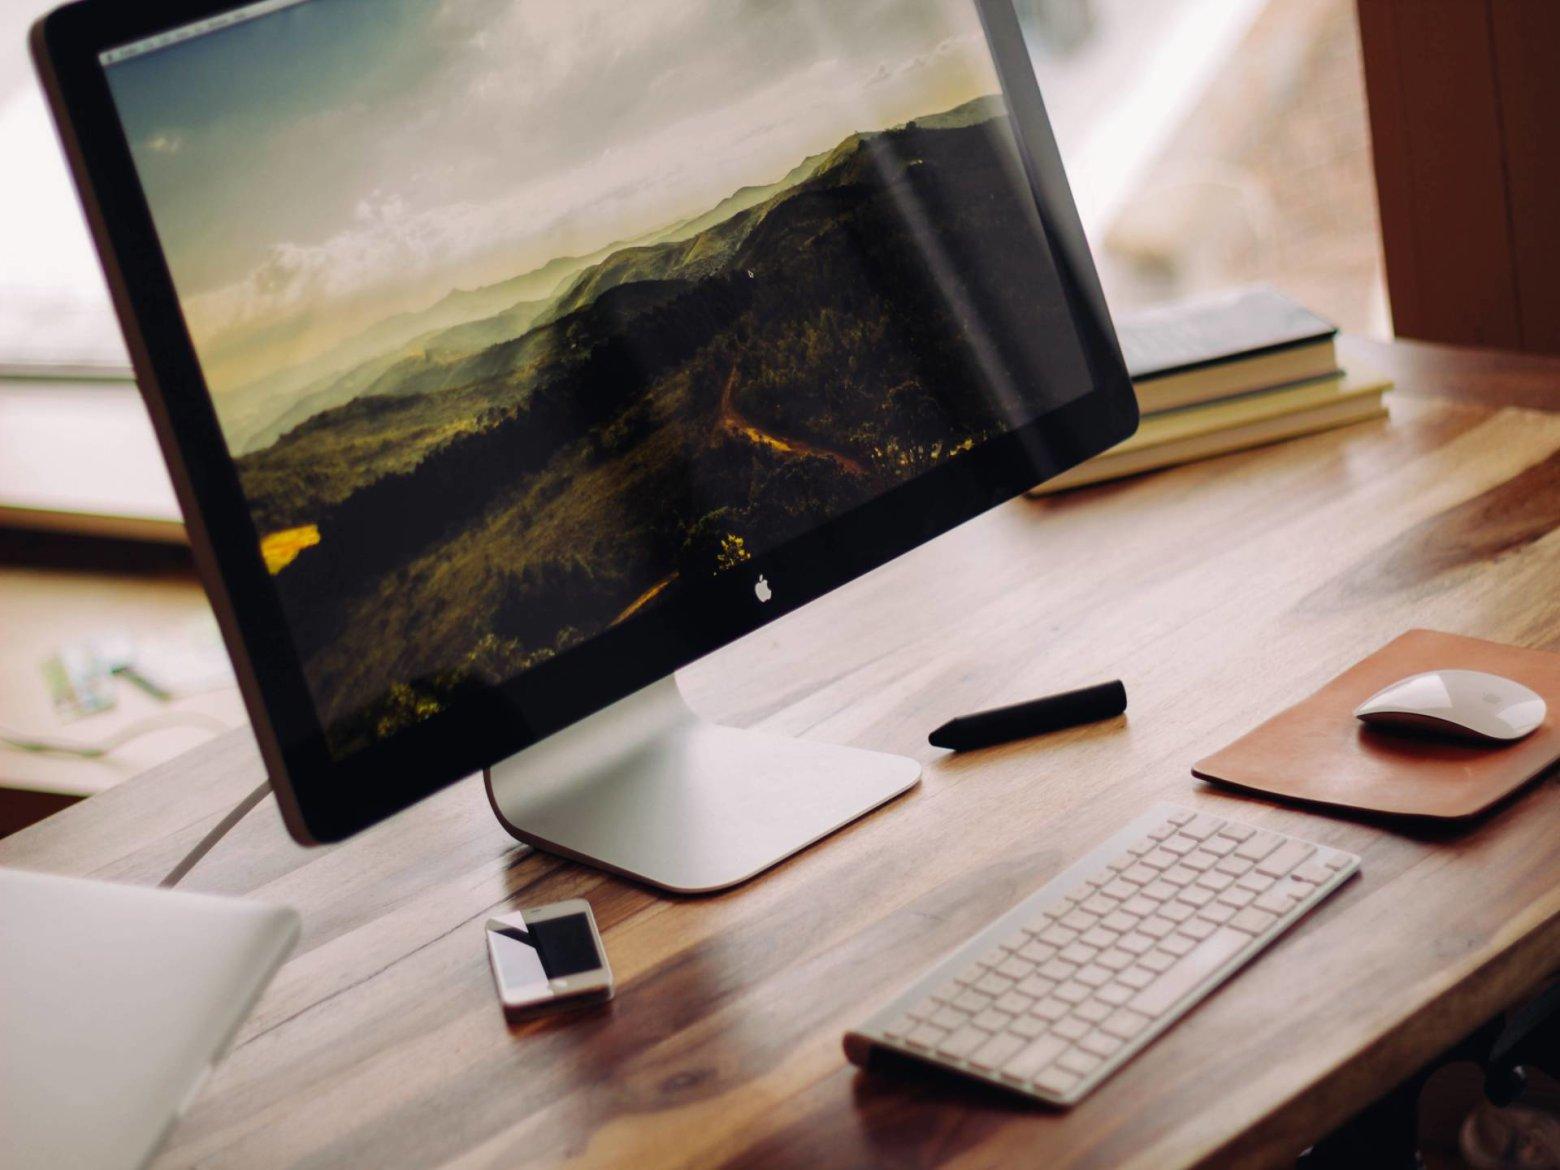 Apple-computer-laptop-desk-1560x1170